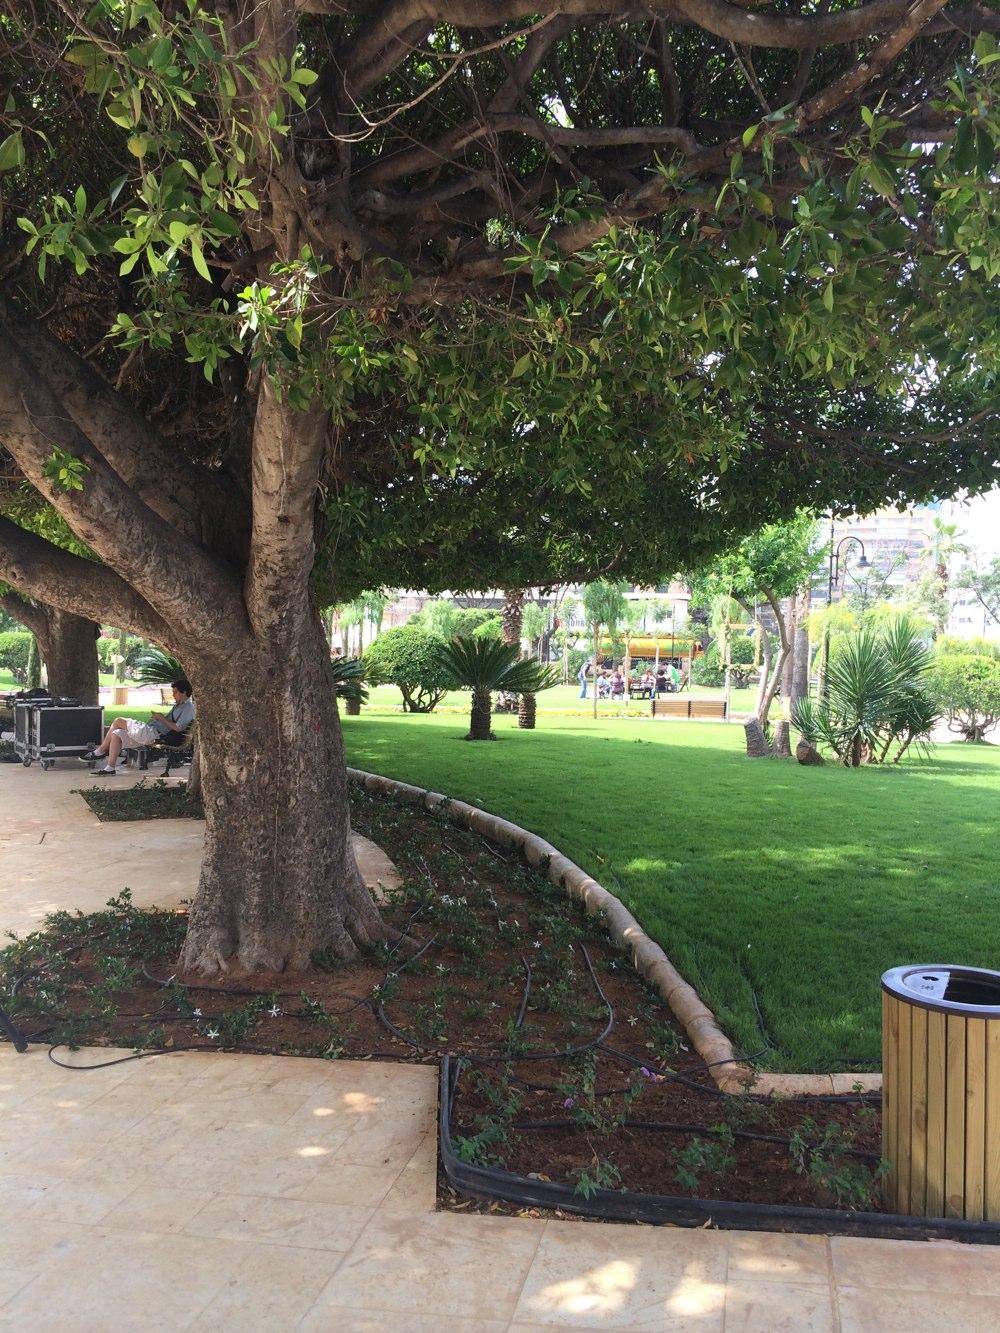 Sanayeh Garden Enjoy A Green Haven In Beirut Nogarlicnoonions Restaurant Food And Travel